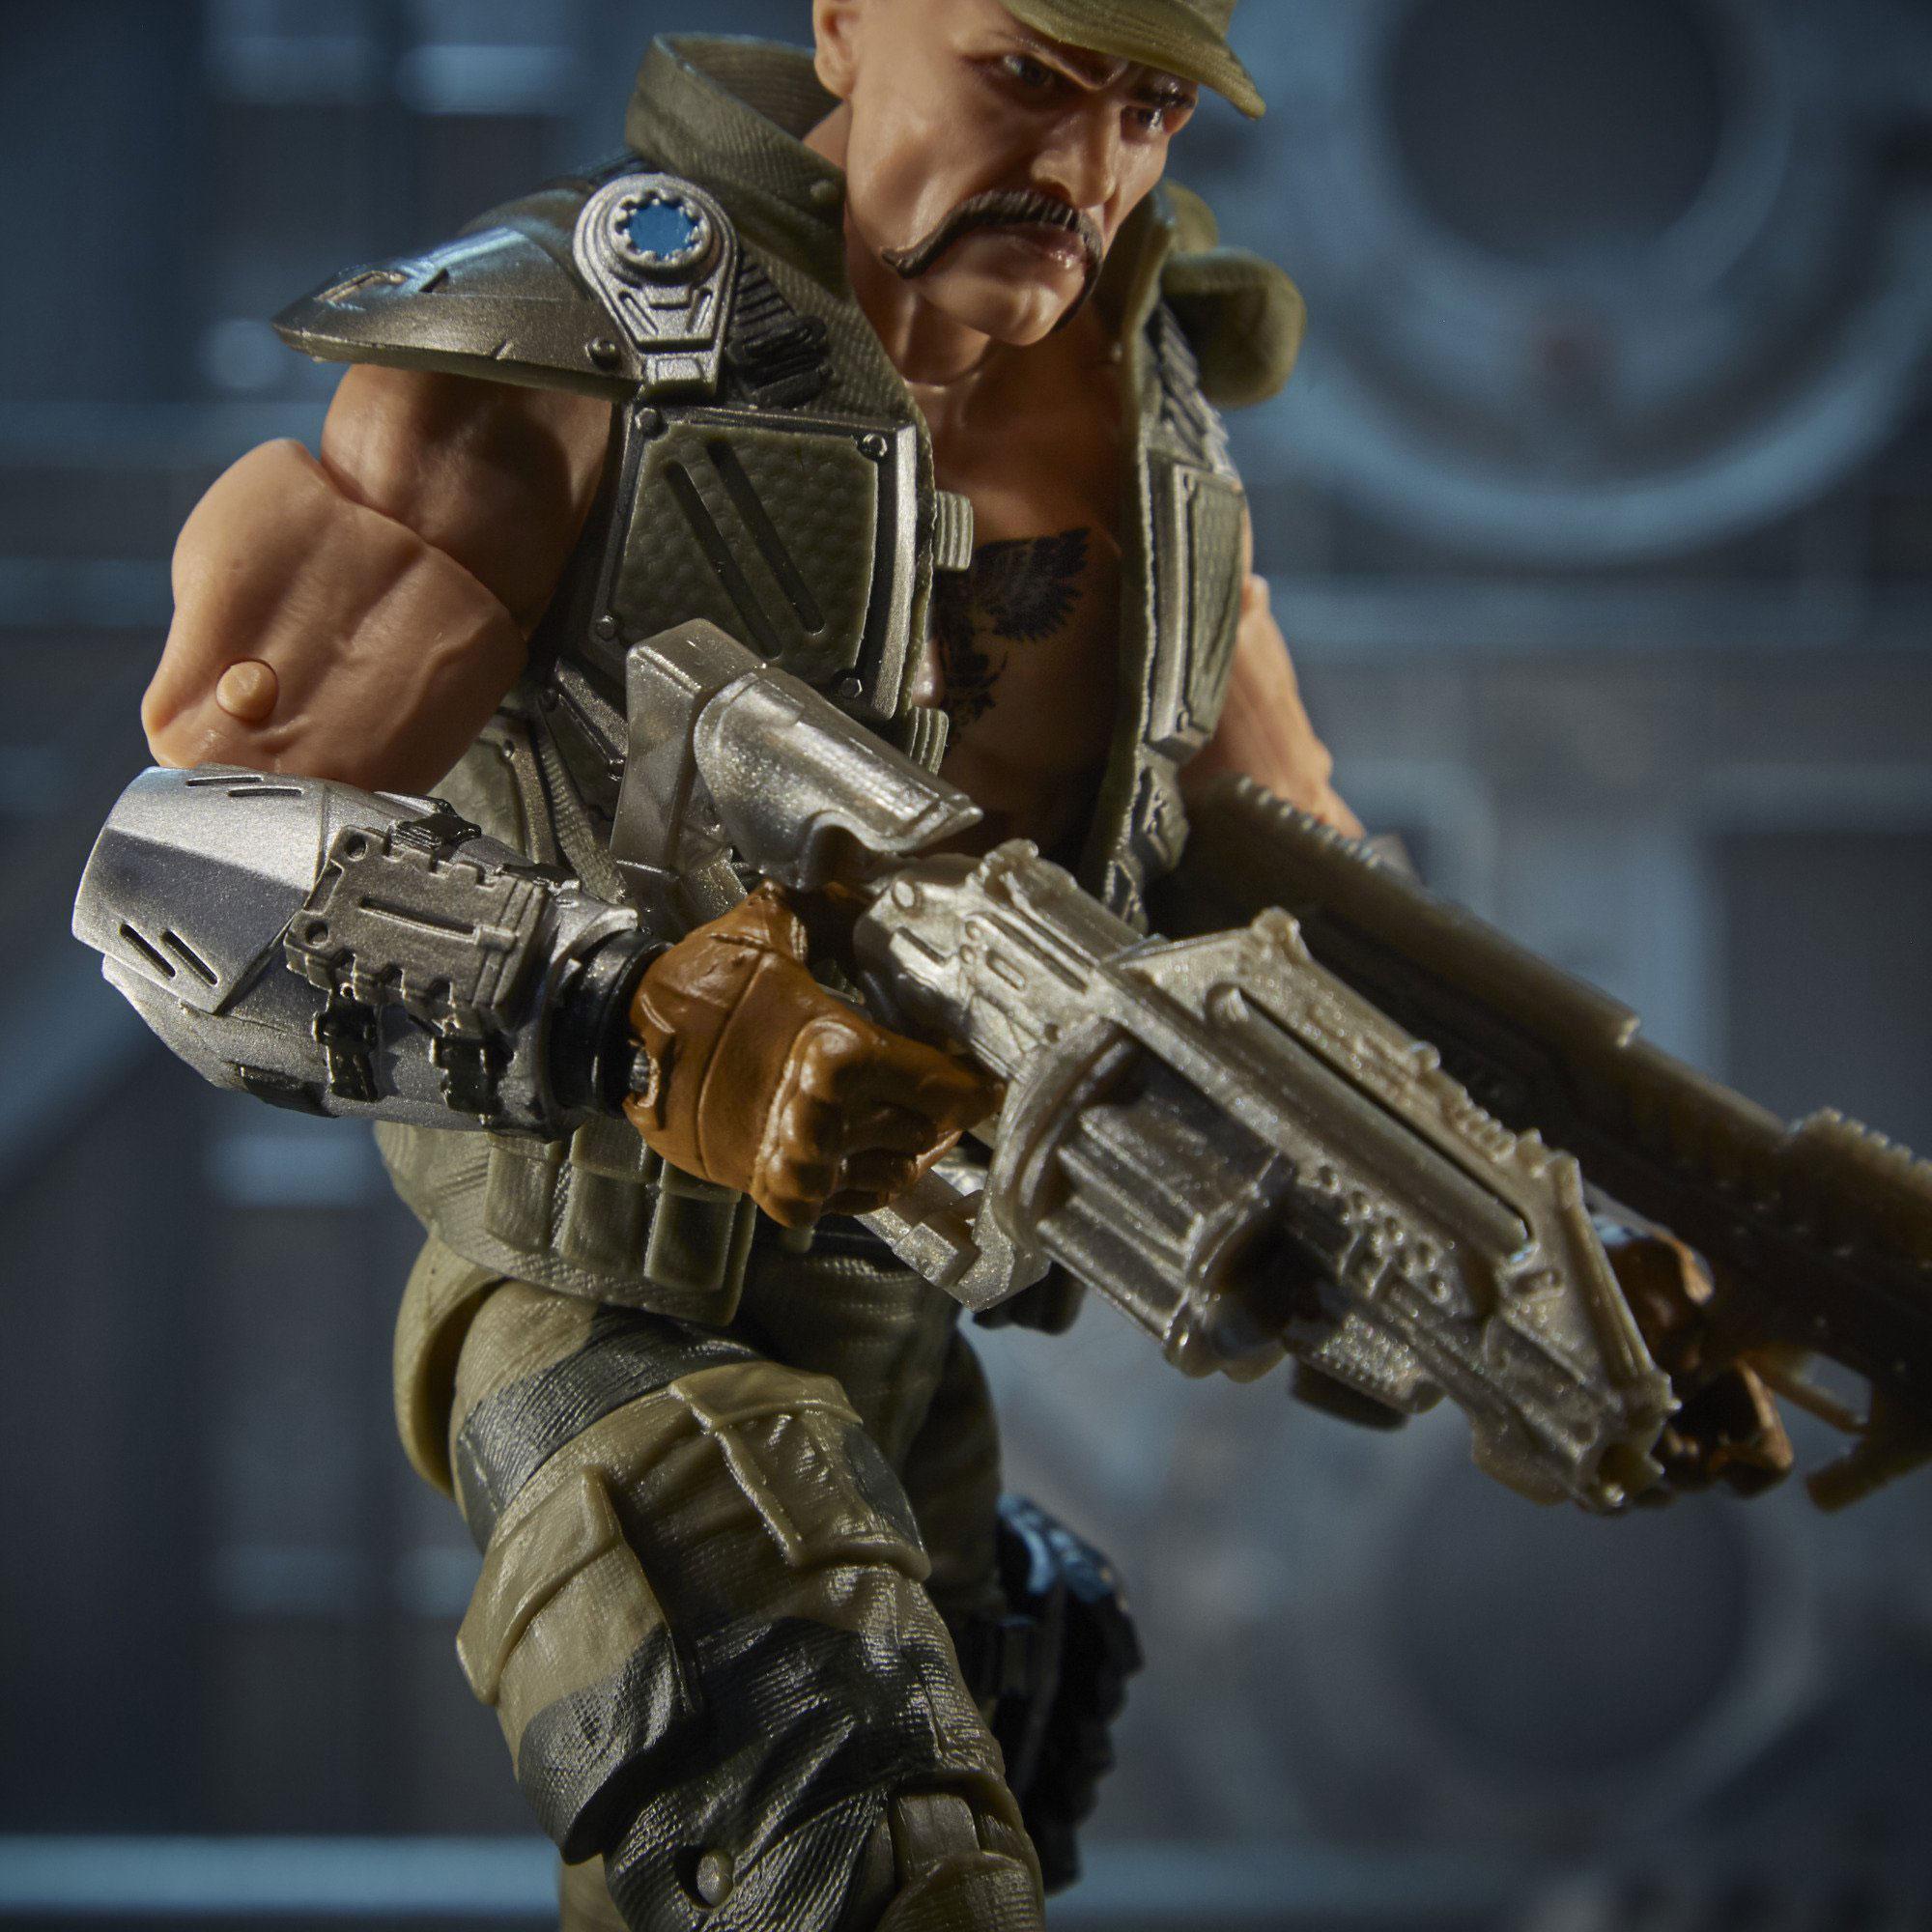 gung-ho-gi-joe-classified-action-figure-1